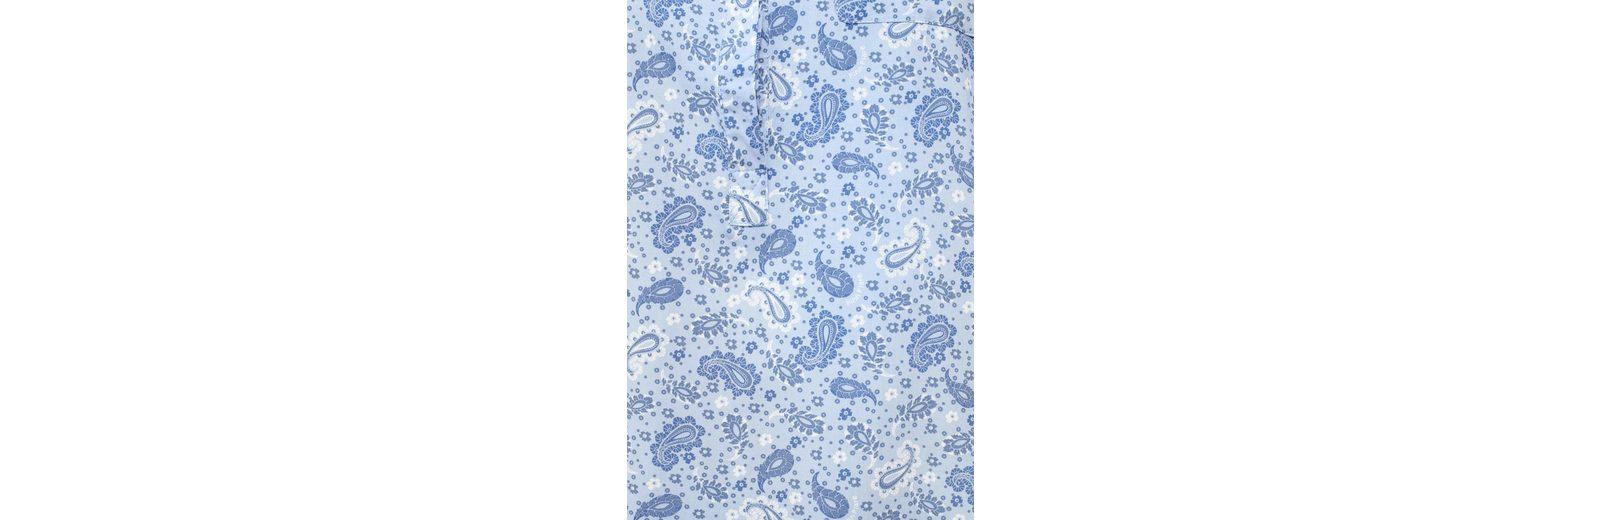 Finn Flare Bluse mit modischem Paisleydruck Günstigster Preis T7xP3twxAp